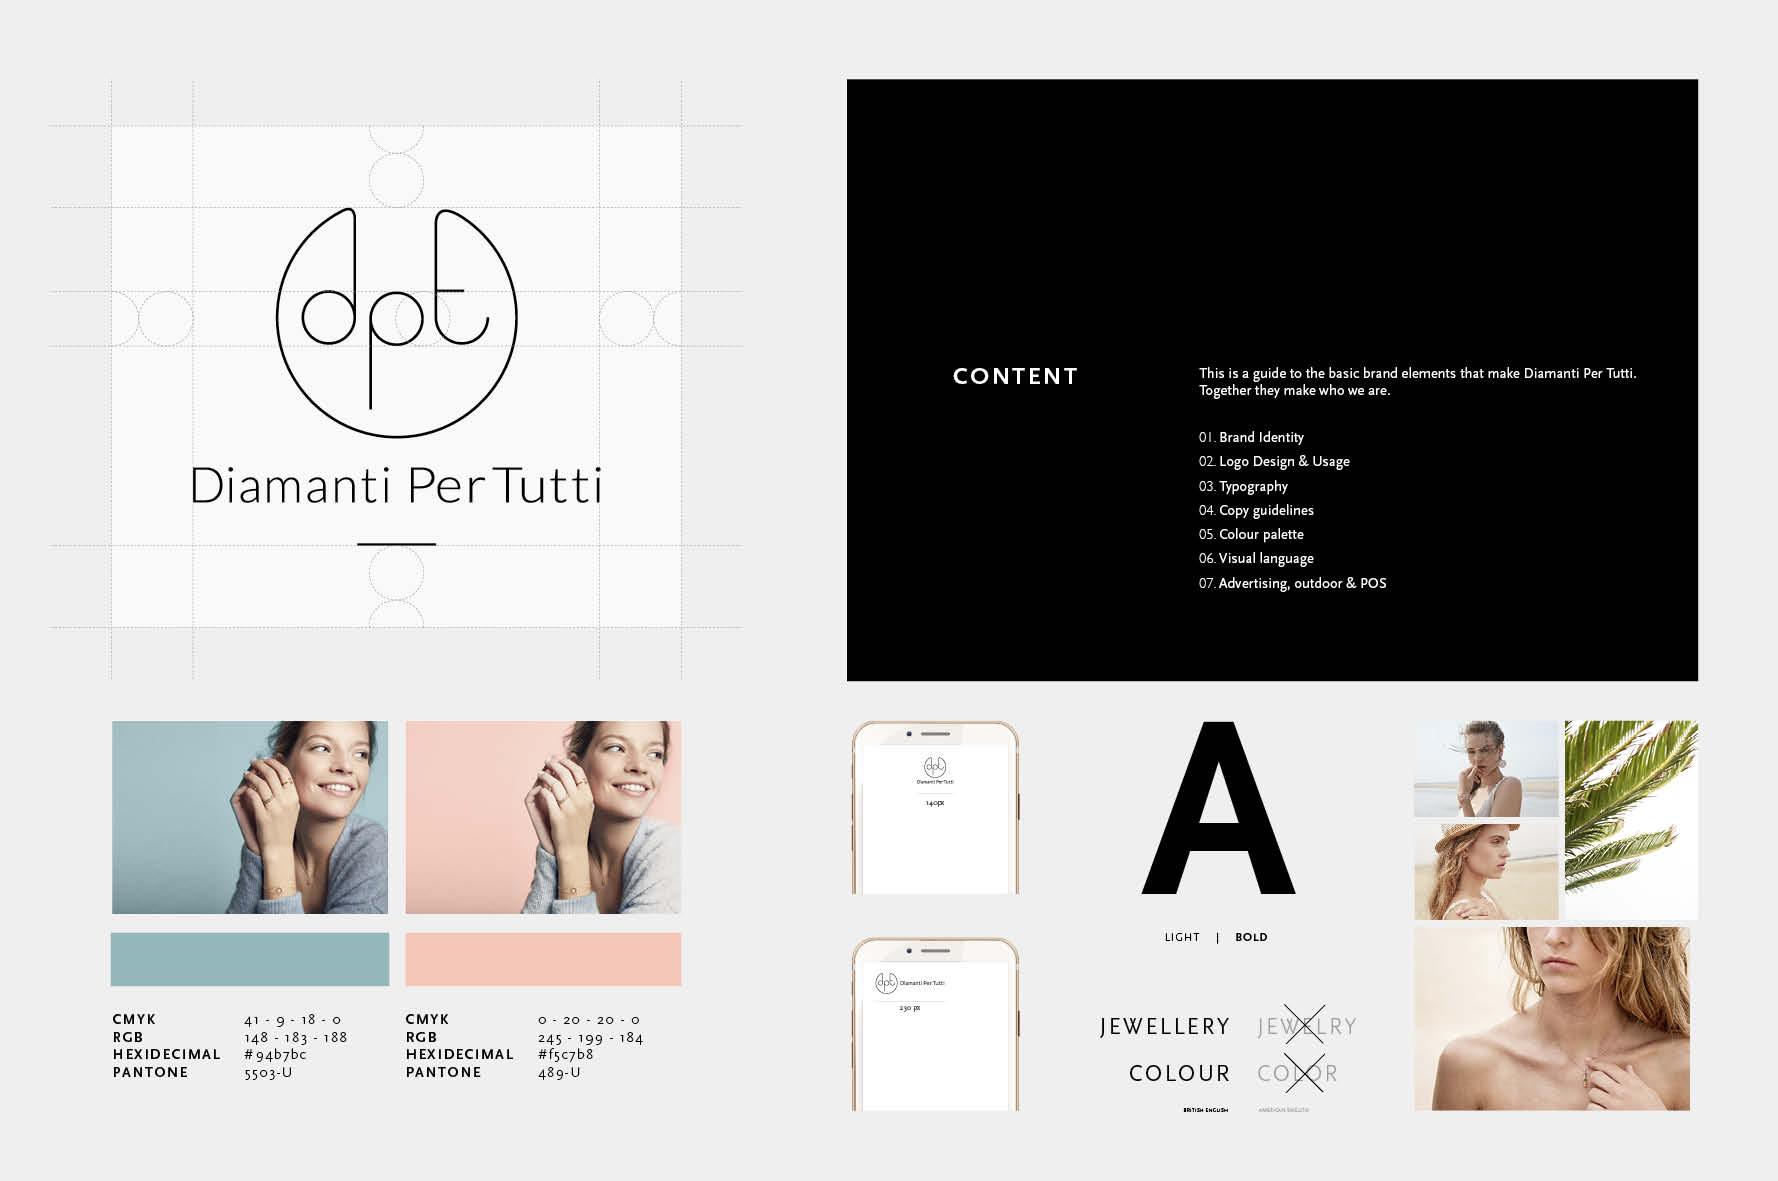 Design Per Tutti Com diamanti per tutti - supermoon